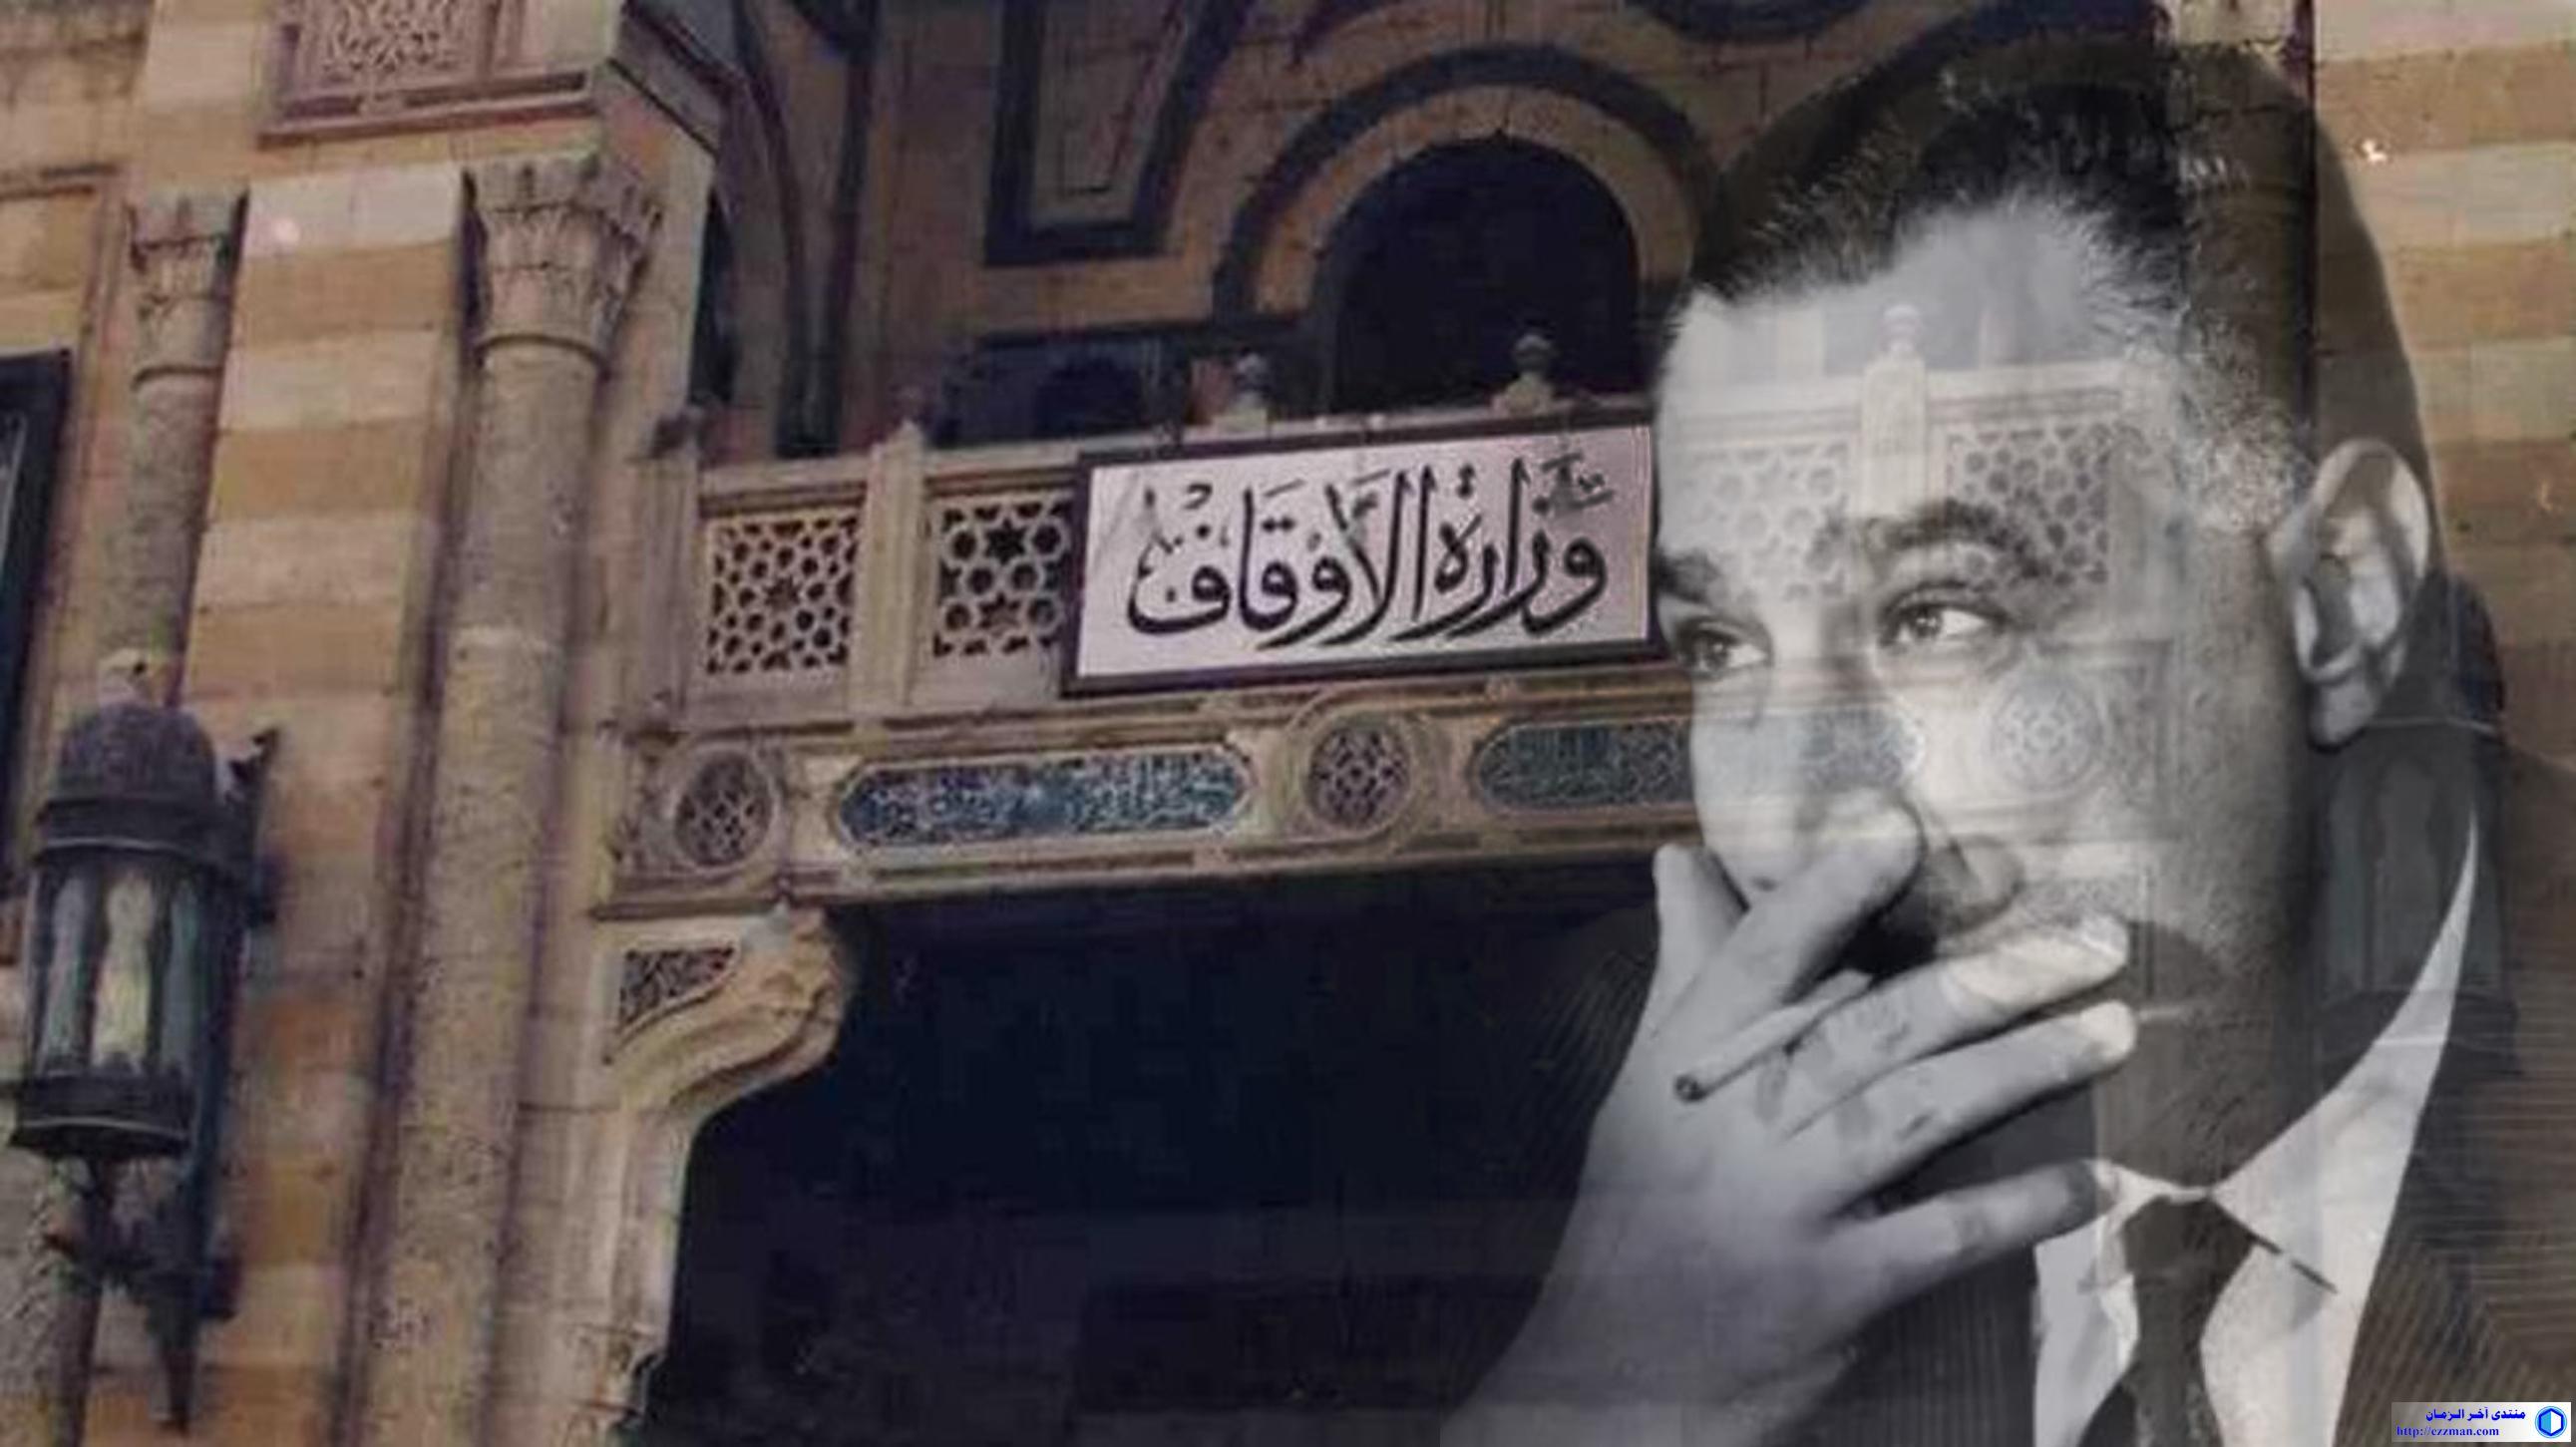 حصري: الطفل المصري العظيم نبوءة